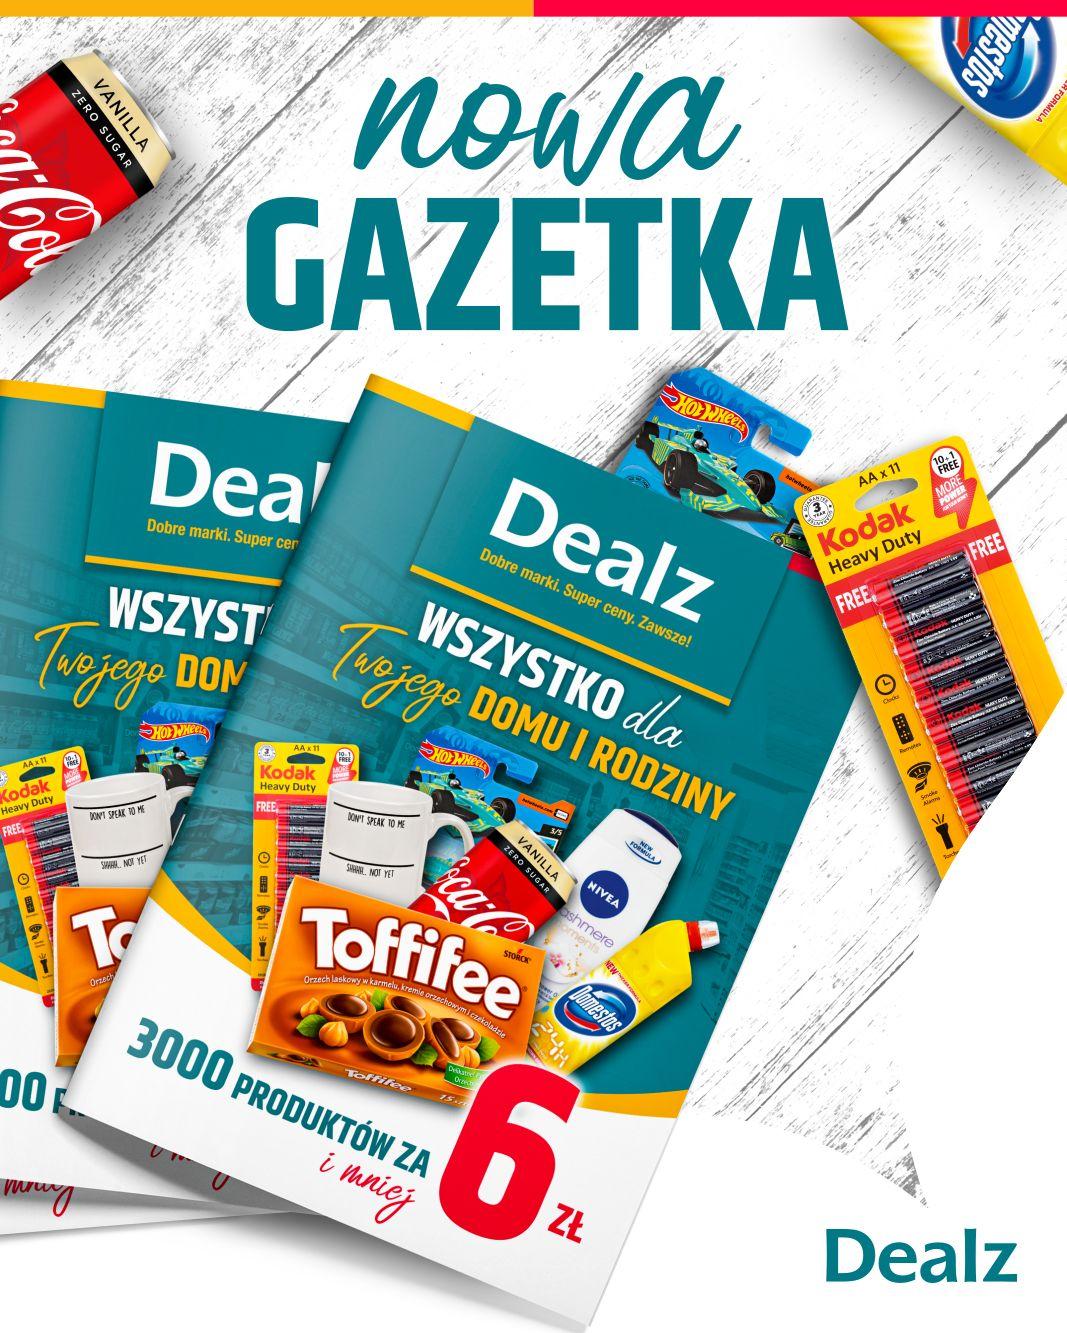 Dealz – 3000 produktów za 6zł i mniej! – wszystko dla Twojego domu i rodziny